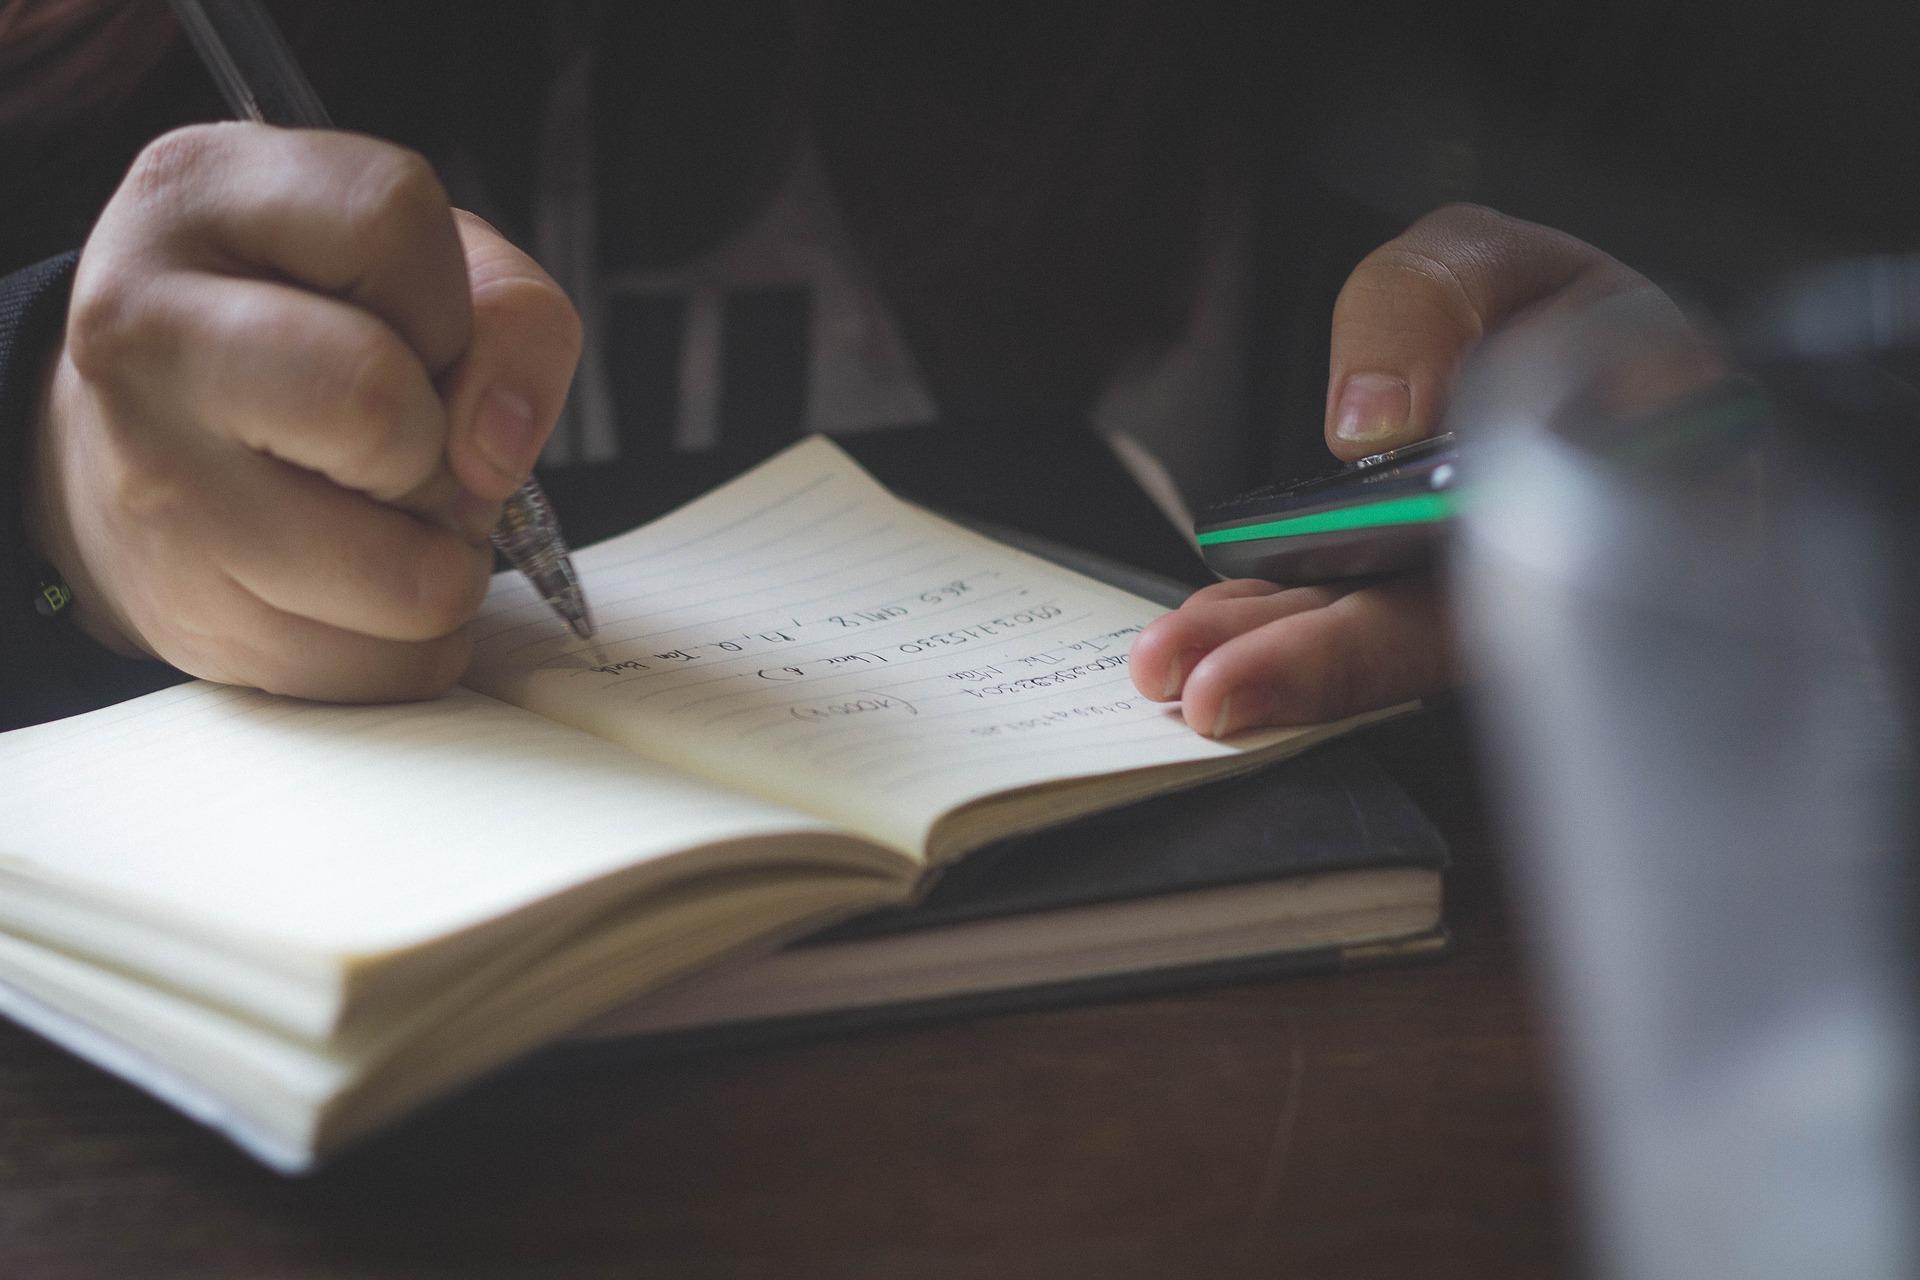 ประกาศรายชื่อผู้มีสิทธิสอบข้อเขียน (รอบแรก) ระดับปริญญาเอก ปีการศึกษา ๒๕๖๒ บัณฑิตศึกษา  มหาวิทยาลัยมหาจุฬาลงกรณราชวิทยาลัย วิทยาเขตนครราชสีมา